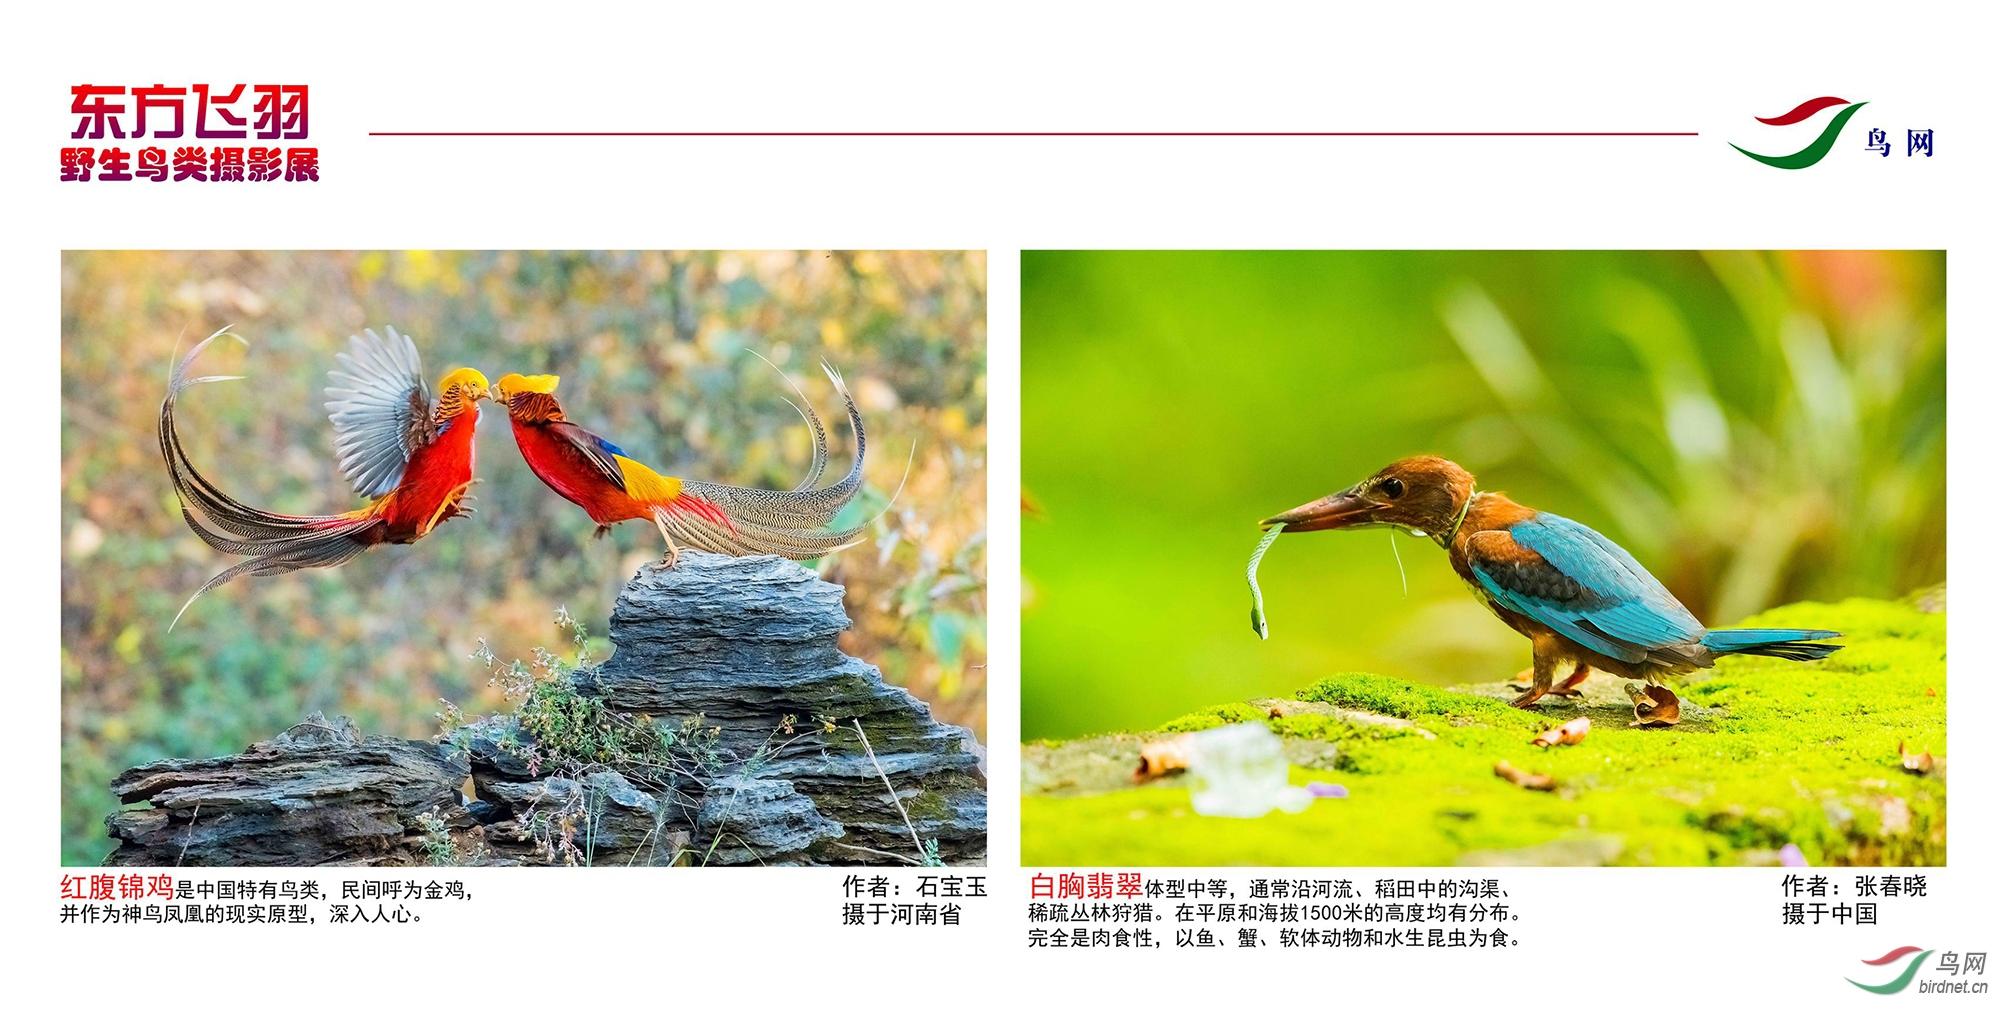 1_东方明珠摄影展照片_13.jpg